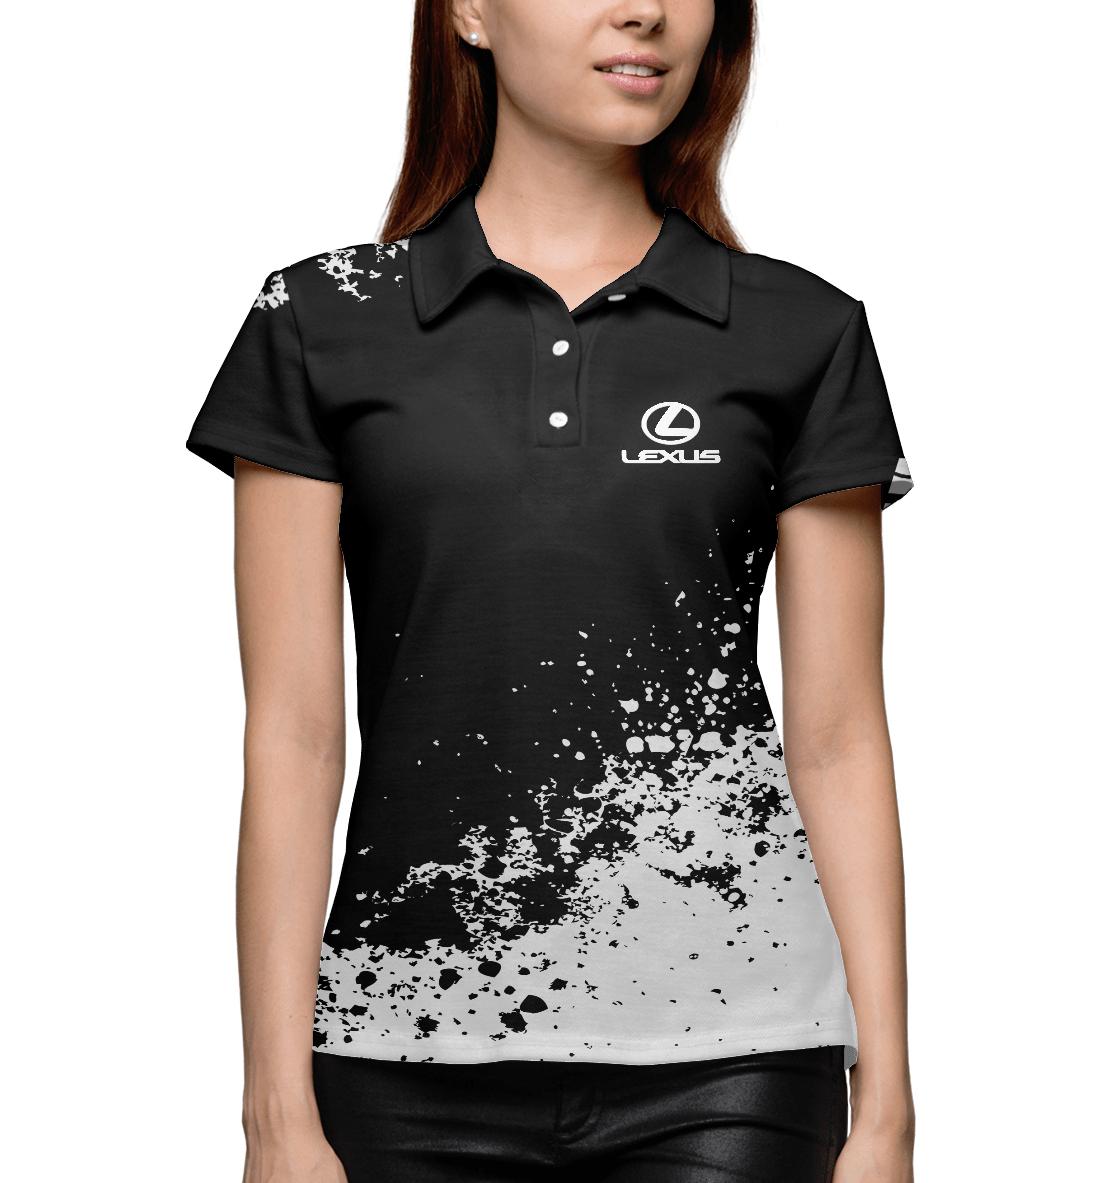 Купить Lexus abstract sport uniform, Printbar, Поло, AMP-995477-pol-1